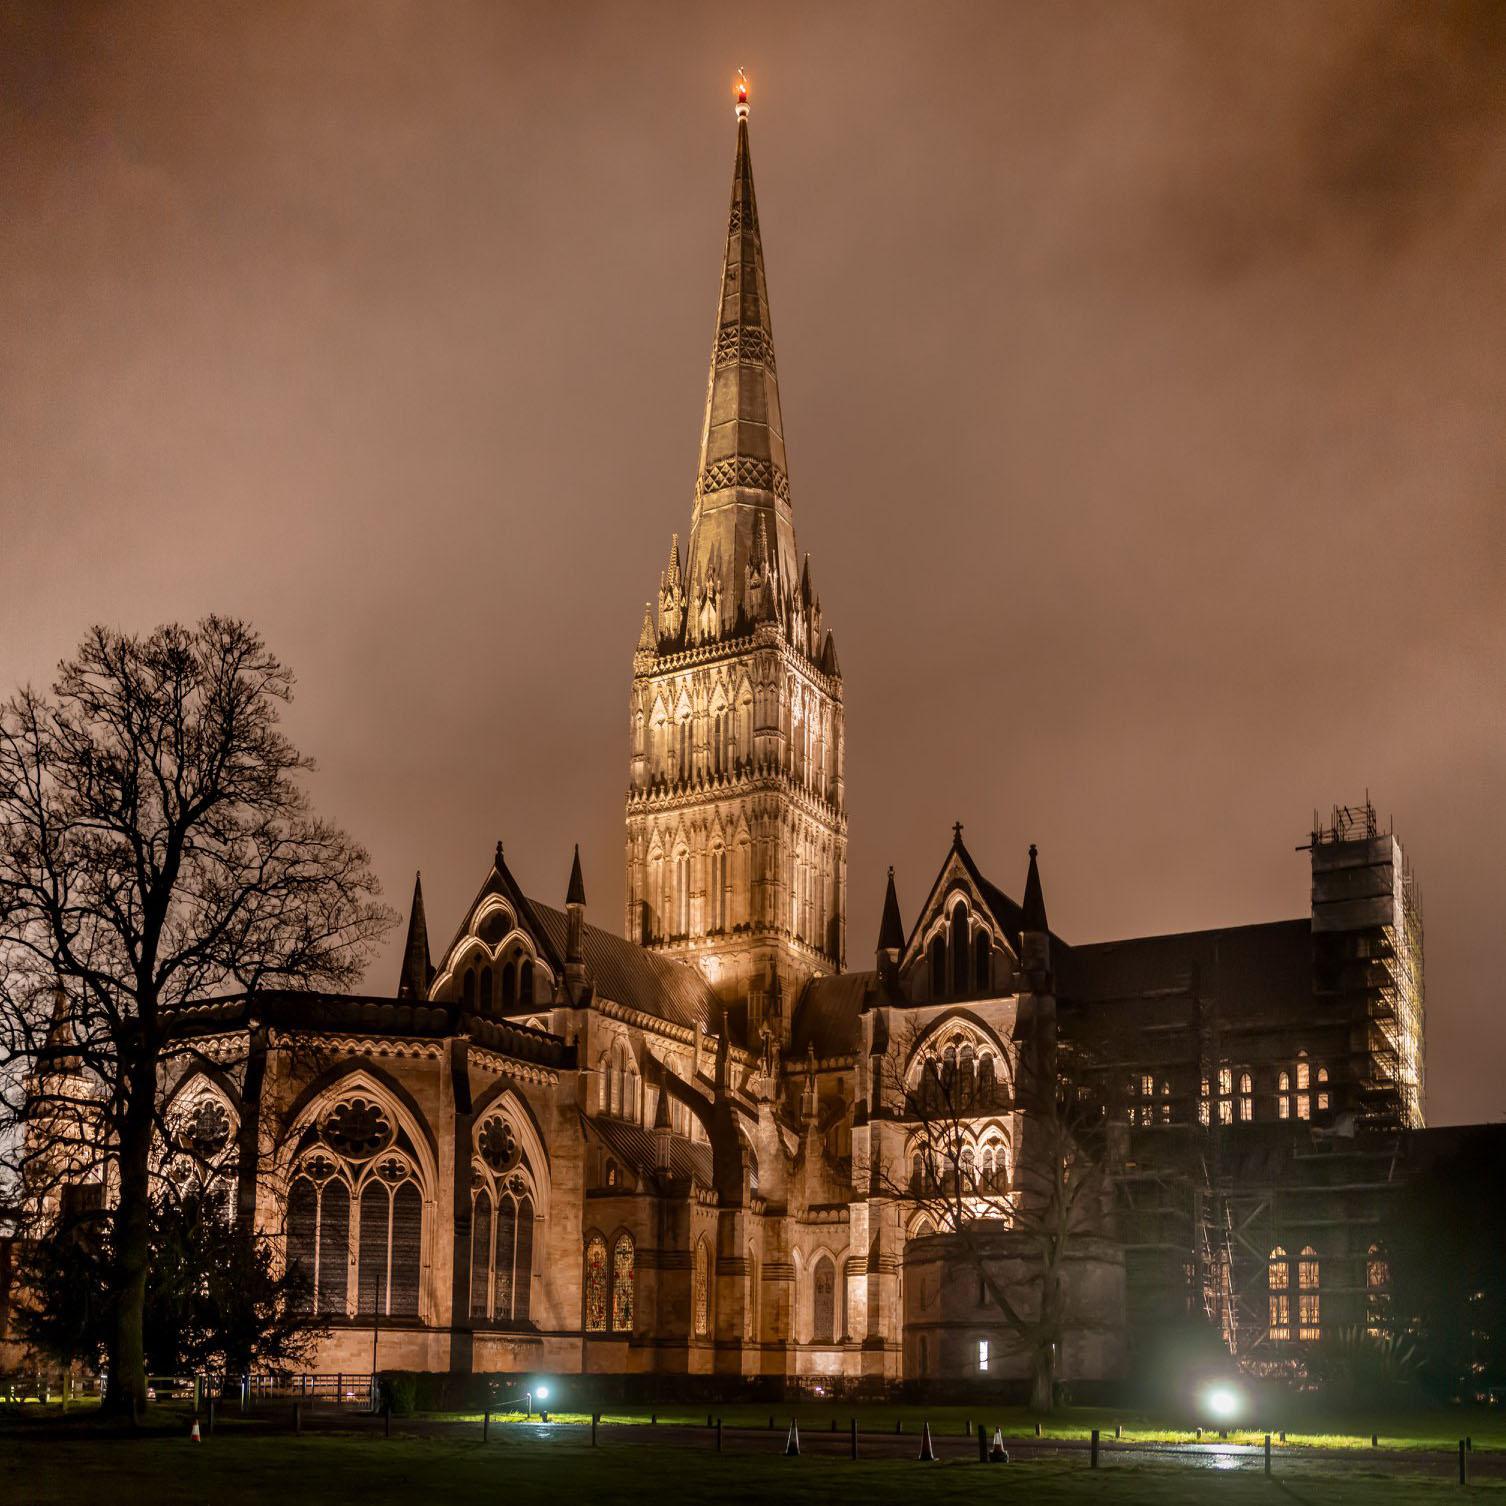 全英國最高的教堂索爾茲伯里座堂(Salisbury Cathedral)